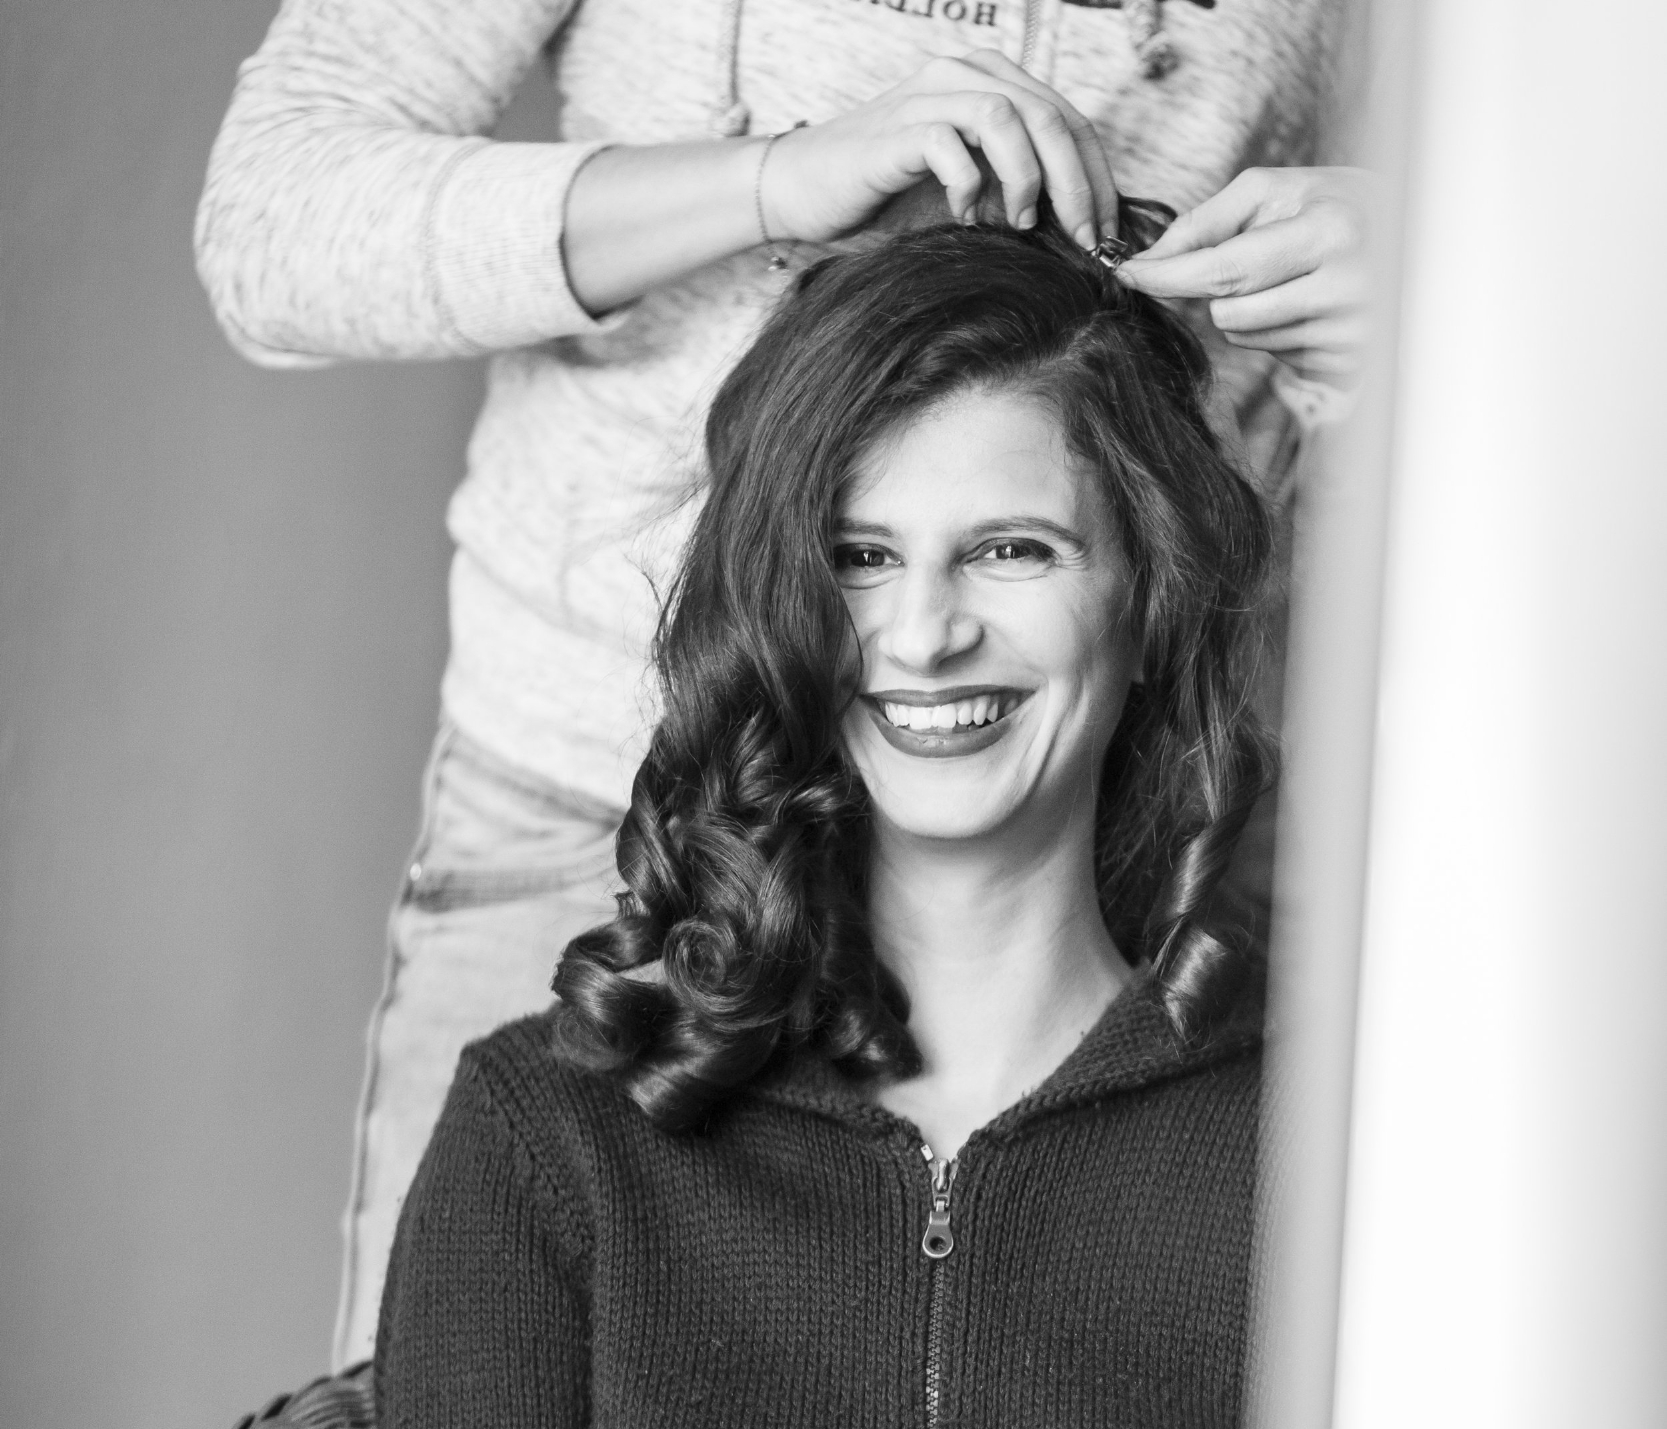 FLORA - Marie est souriante, sympathique, pro, à l'écoute et de très bon conseil ! Que ce soit pour l'essai et trouvé la coiffure parfaite ou pour le jour J, j'ai passé un très bon moment !Je recommande à toutes les futures mariées.Crédit photo: Utopik